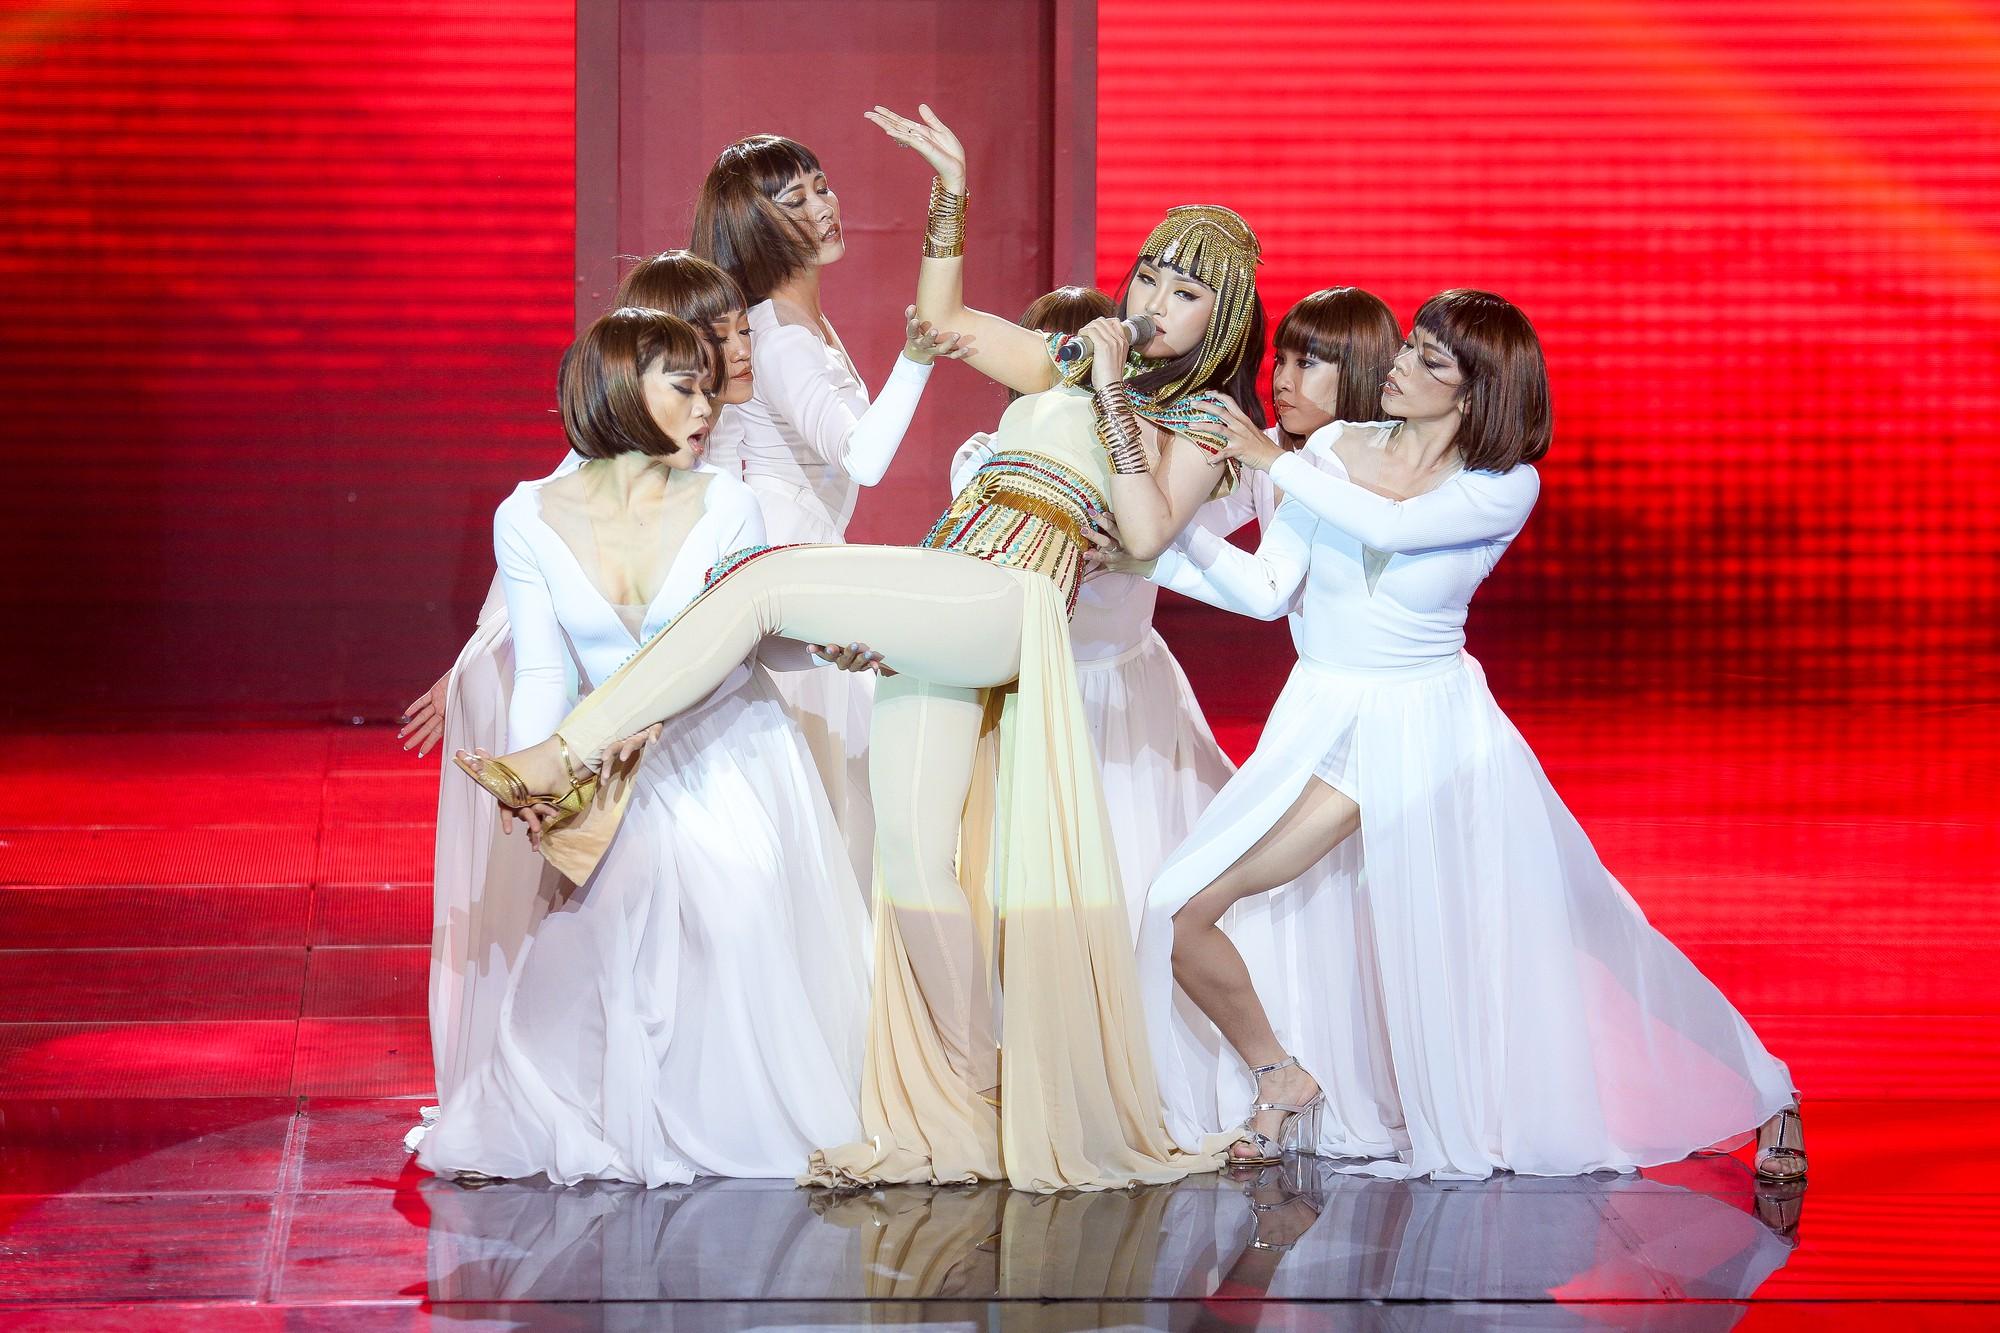 The Voice: Thấy gái đẹp quấn trăn nhảy múa tưng bừng, Tuấn Hưng phản ứng bất ngờ khiến ai cũng bật cười-6